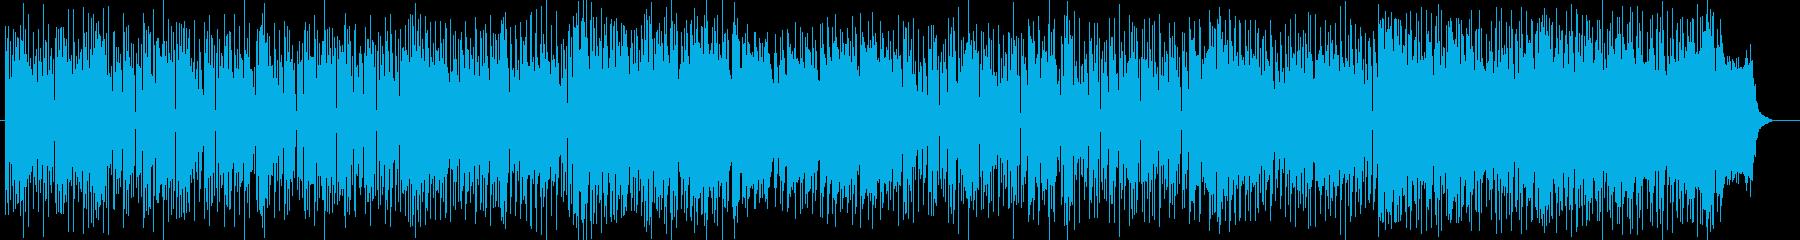 ドラマチックなピアノポップスサウンドの再生済みの波形